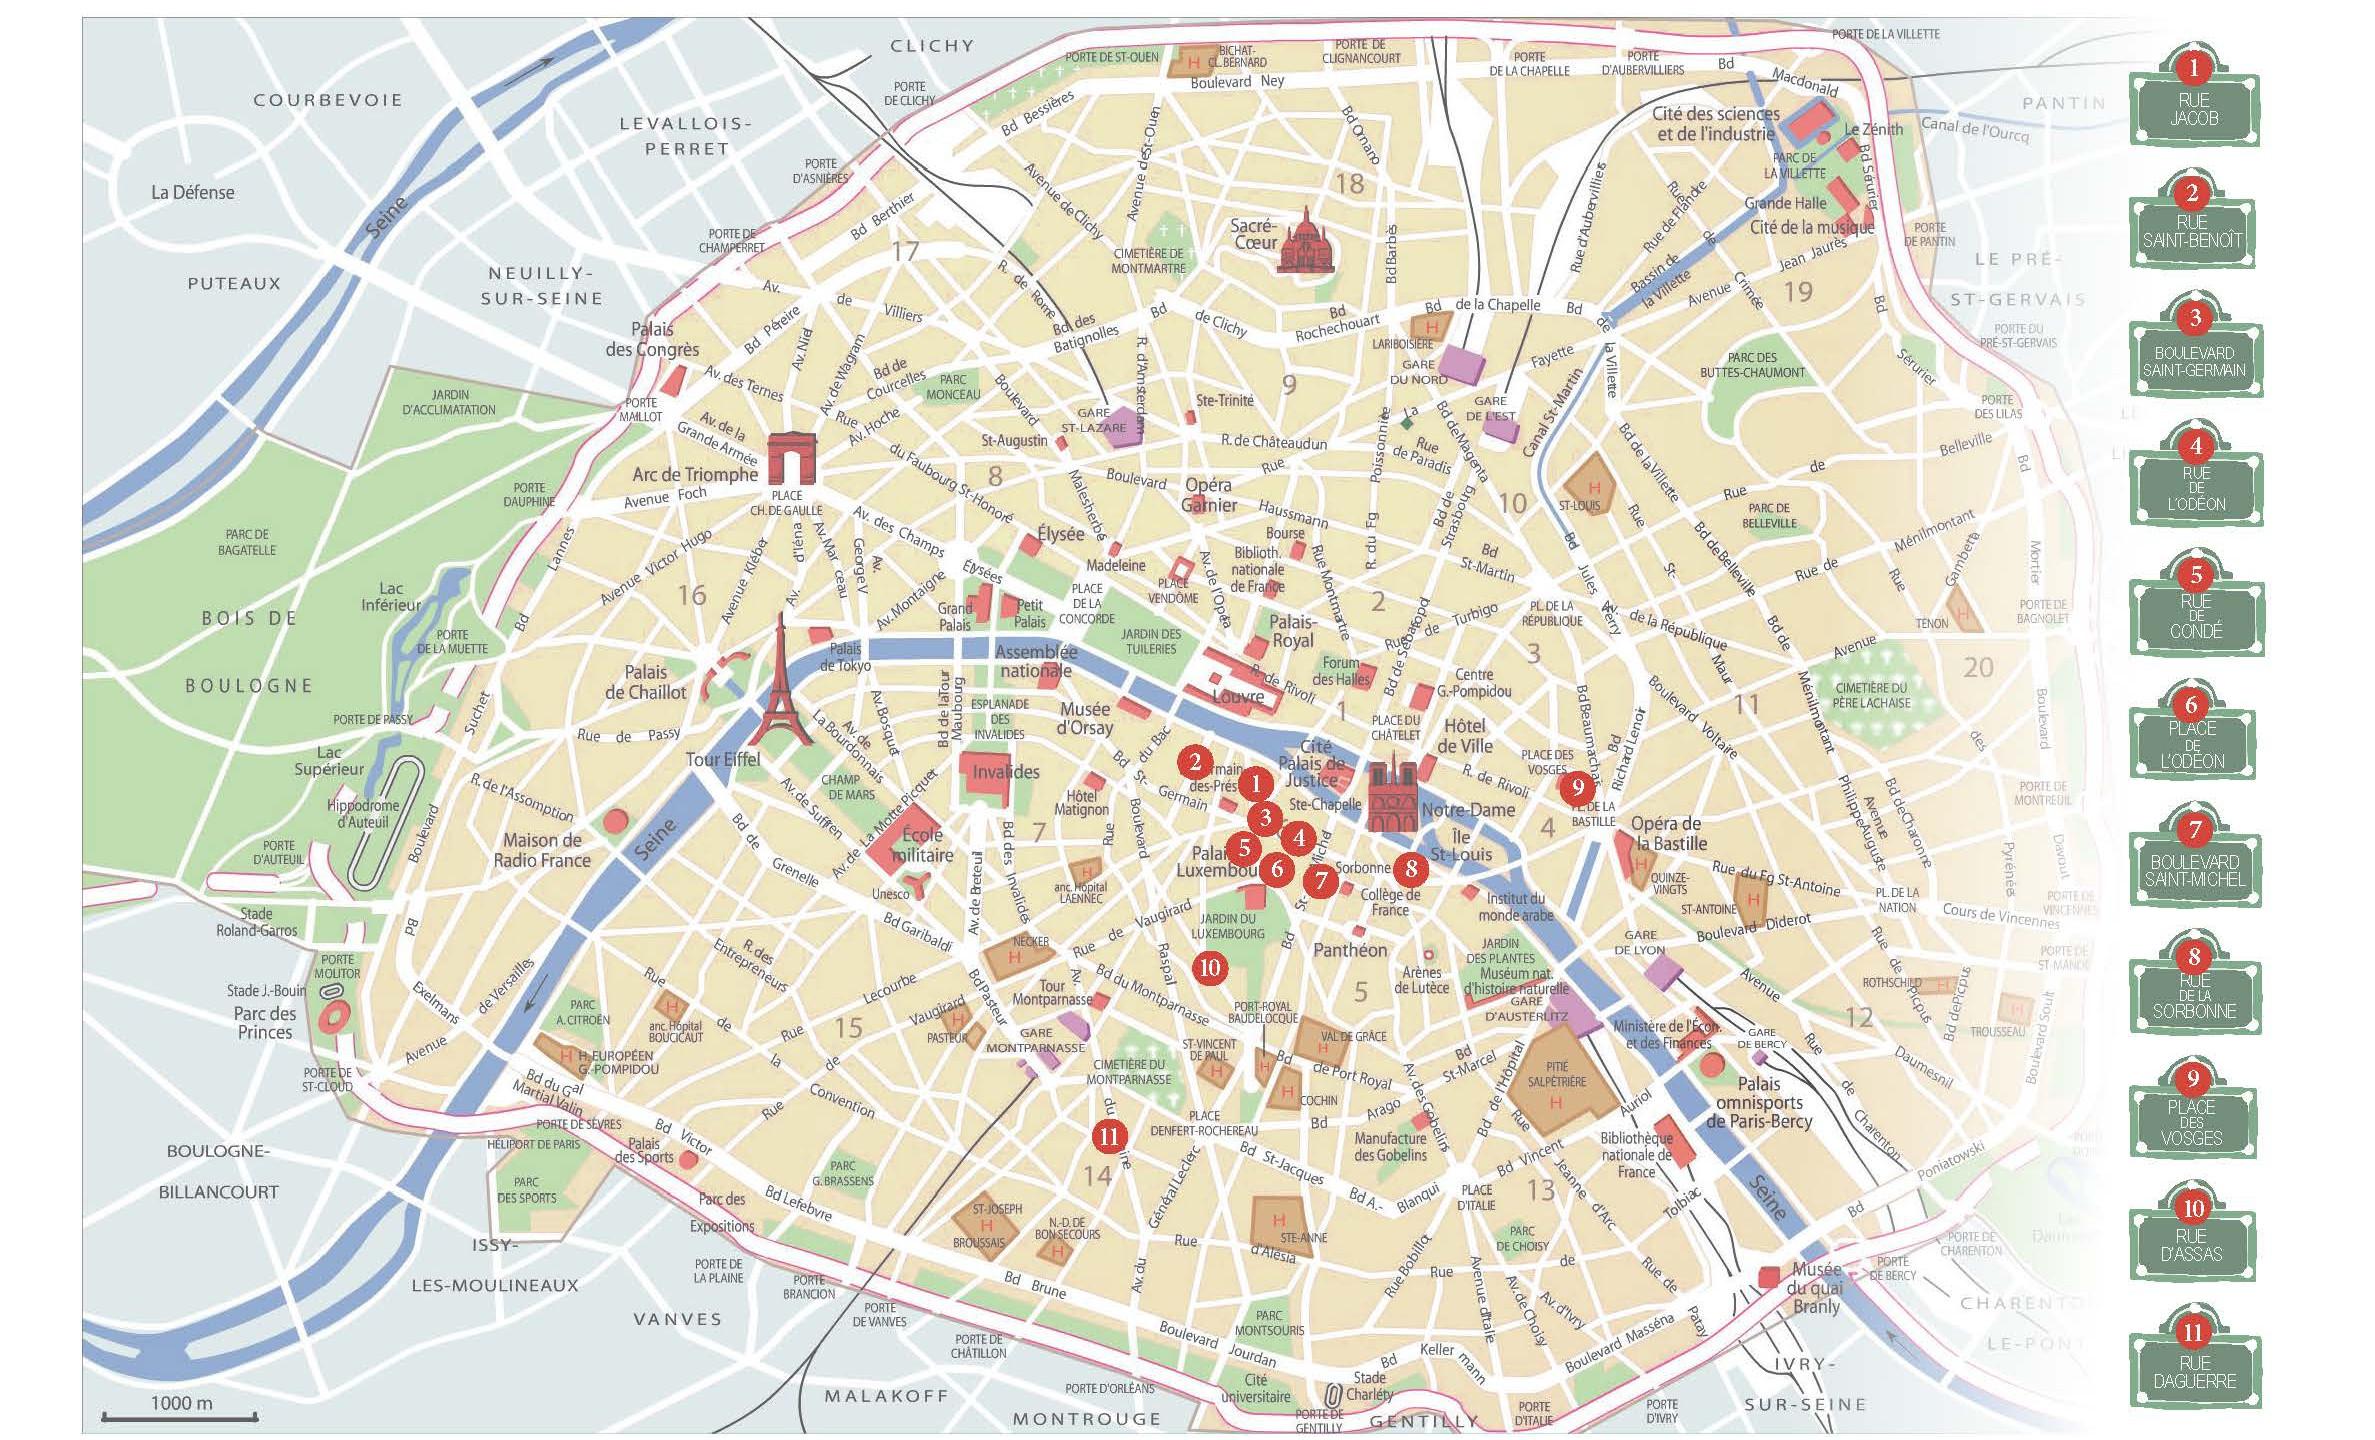 Mappa di Parigi per libro